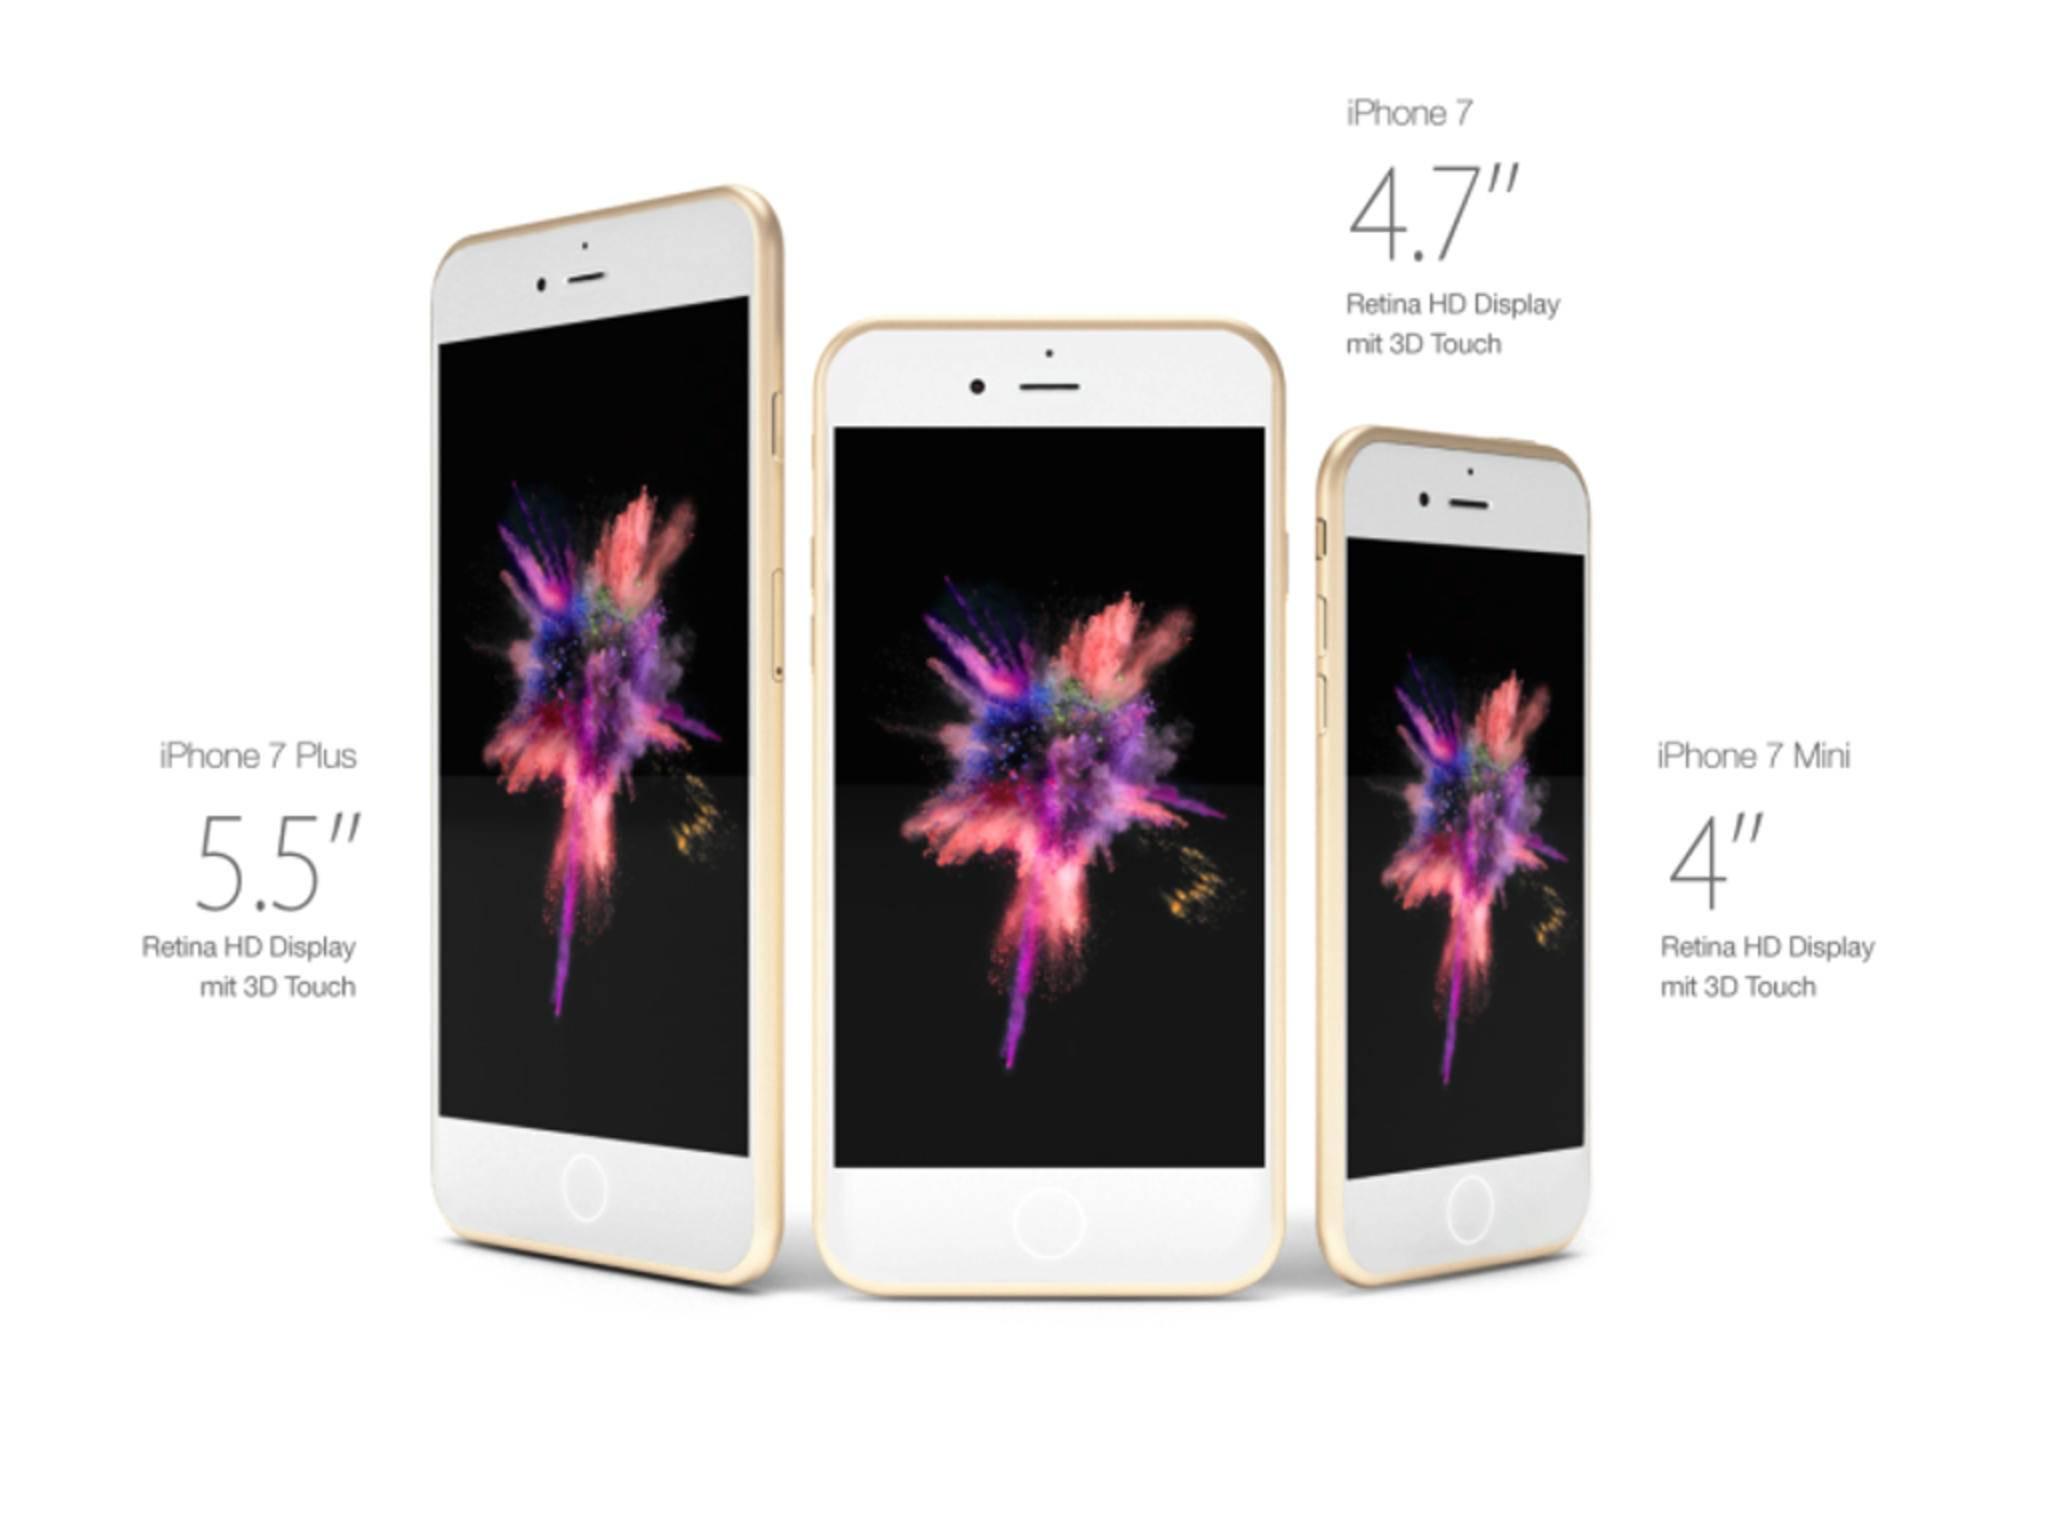 Dieses iPhone 7-Konzept beinhaltet sogar eine 4-Zoll-Version.